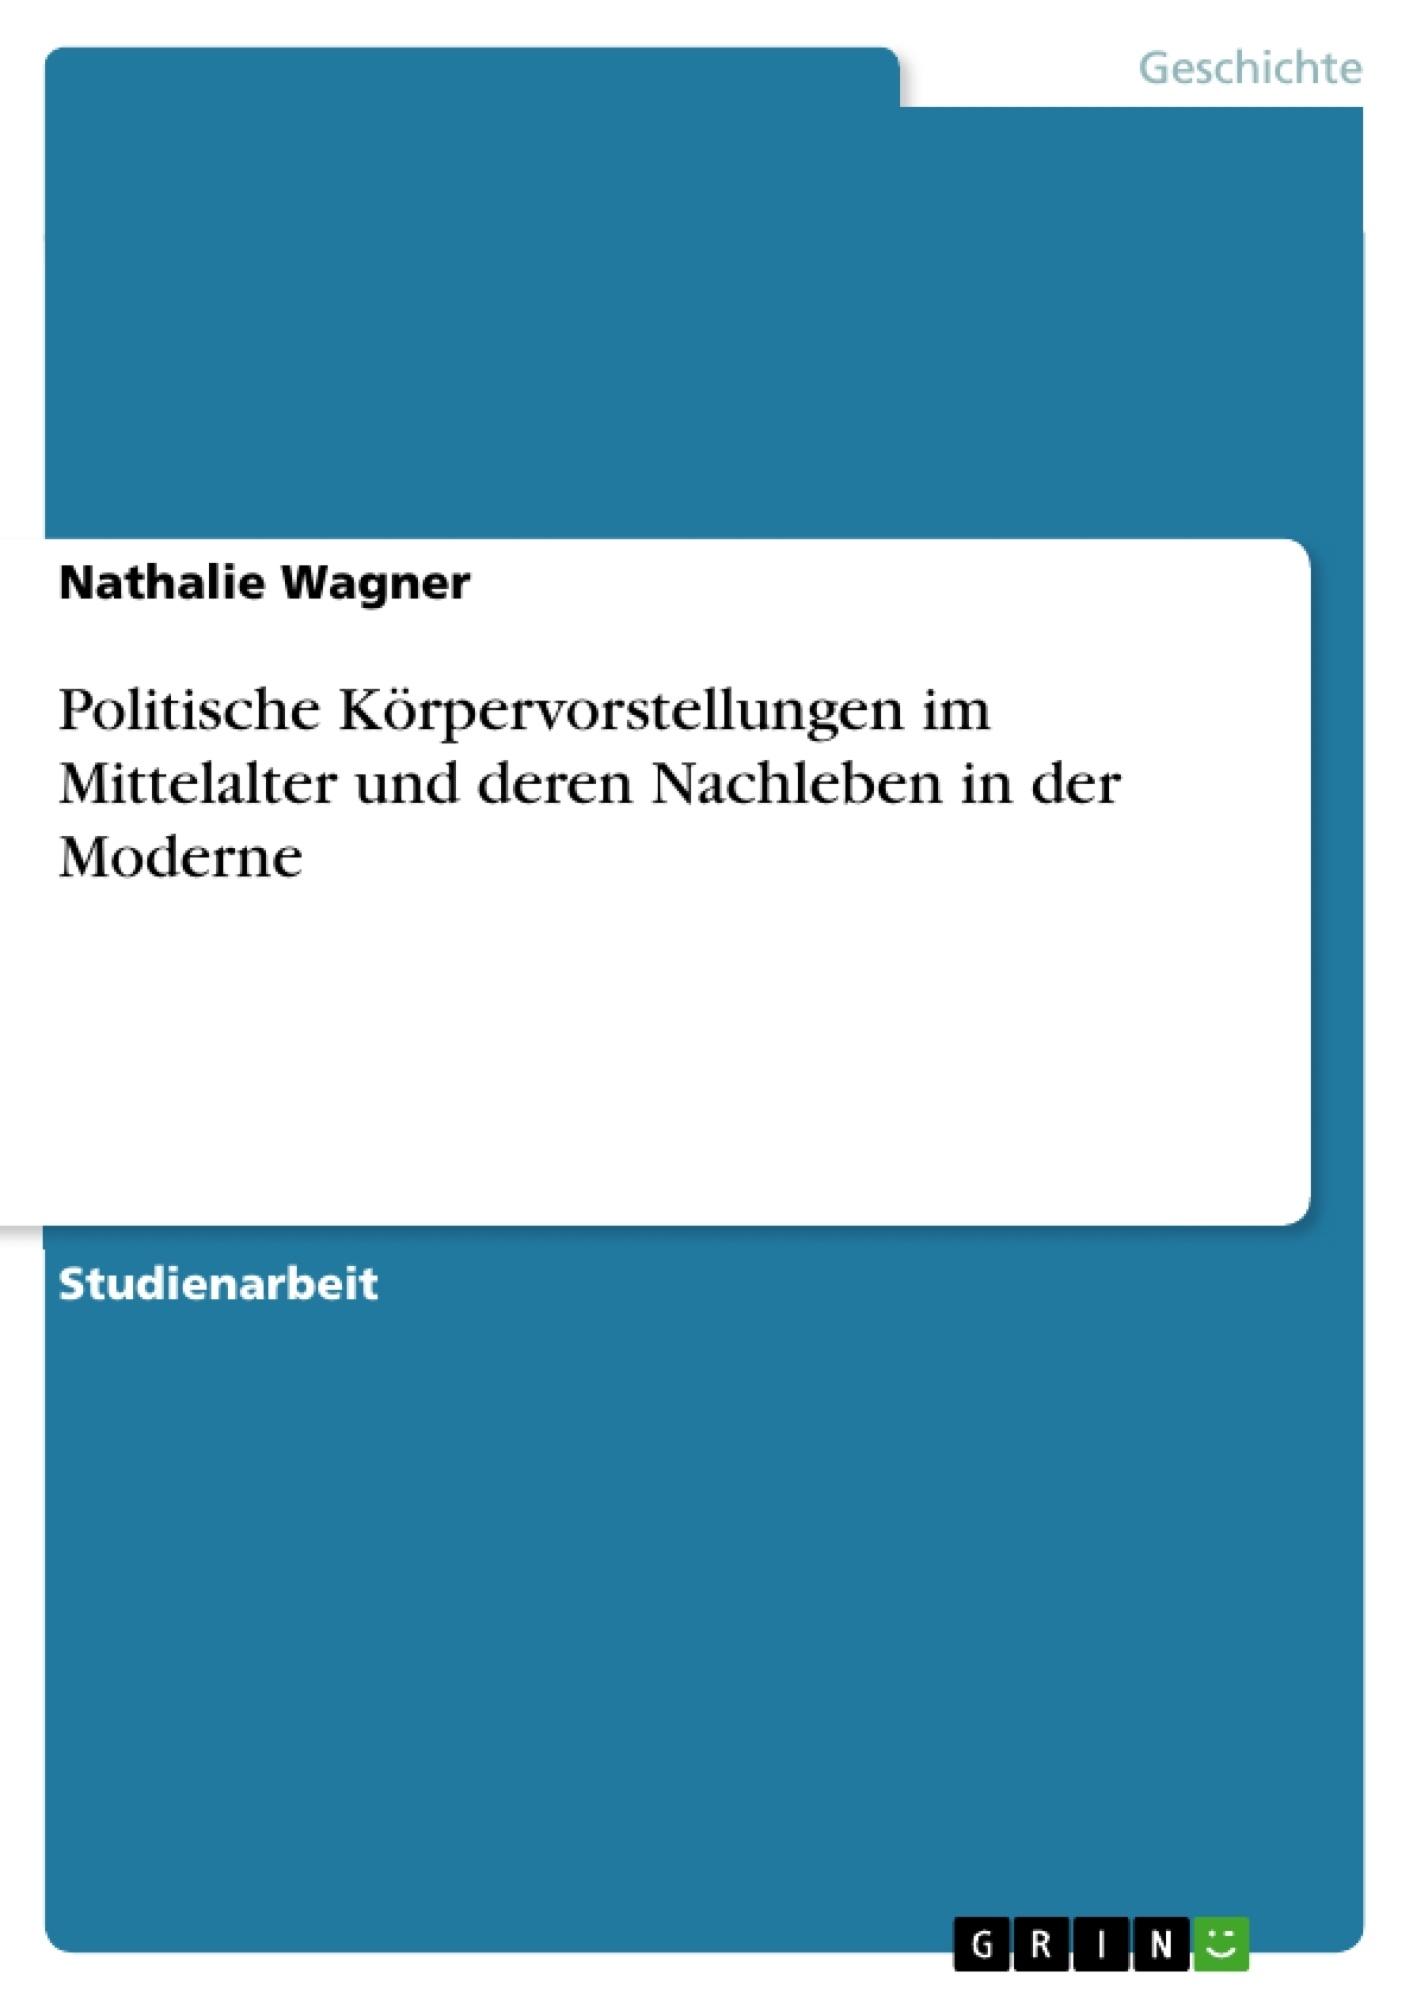 Titel: Politische Körpervorstellungen im Mittelalter und deren Nachleben in der Moderne